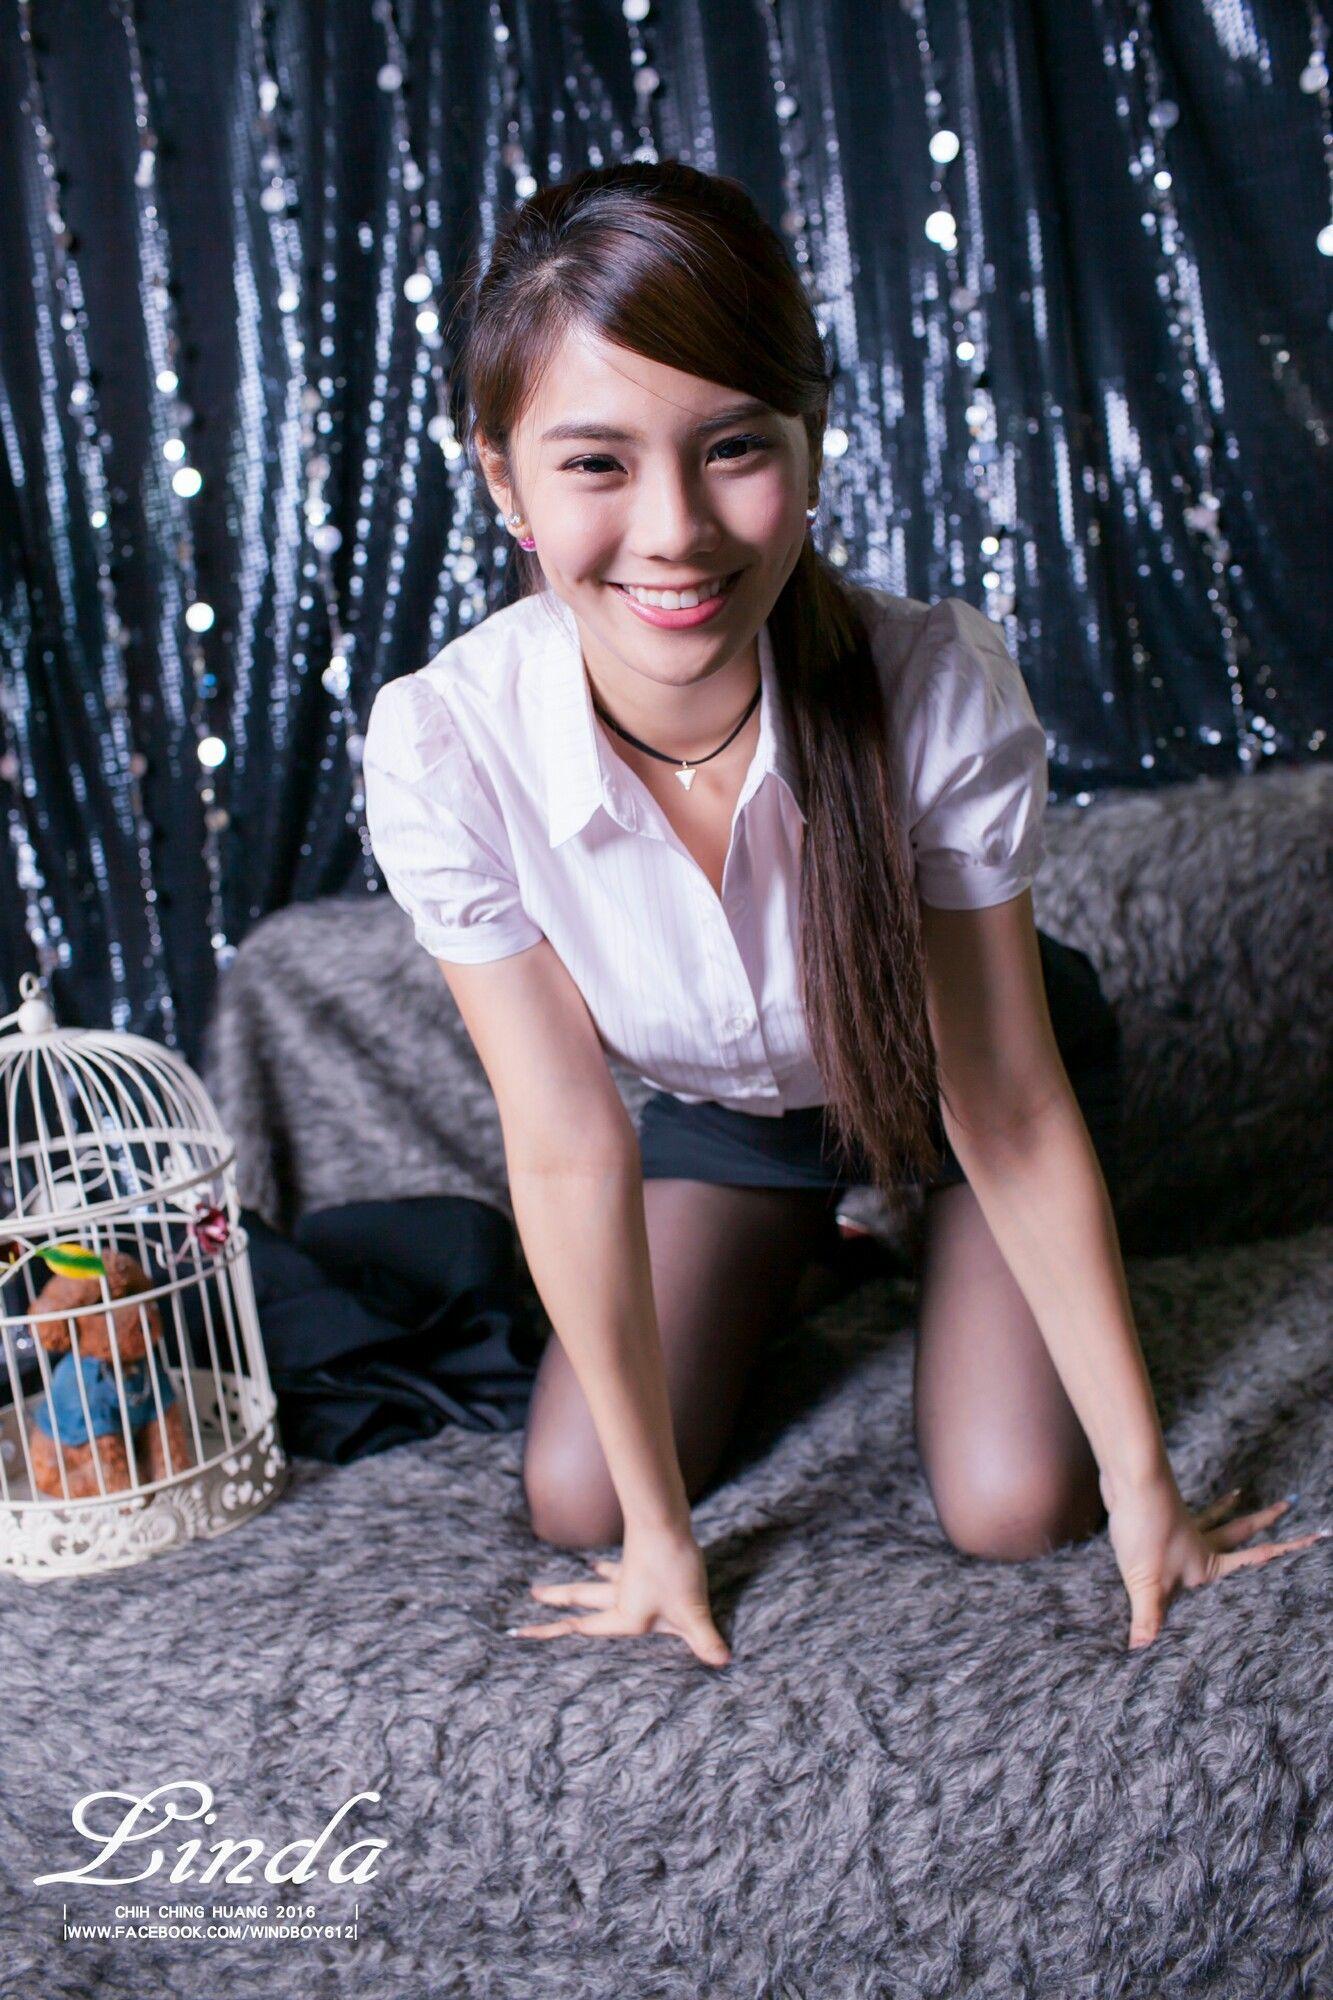 [台湾女神] 林羿祯琳妲  黑丝OL 写真图片